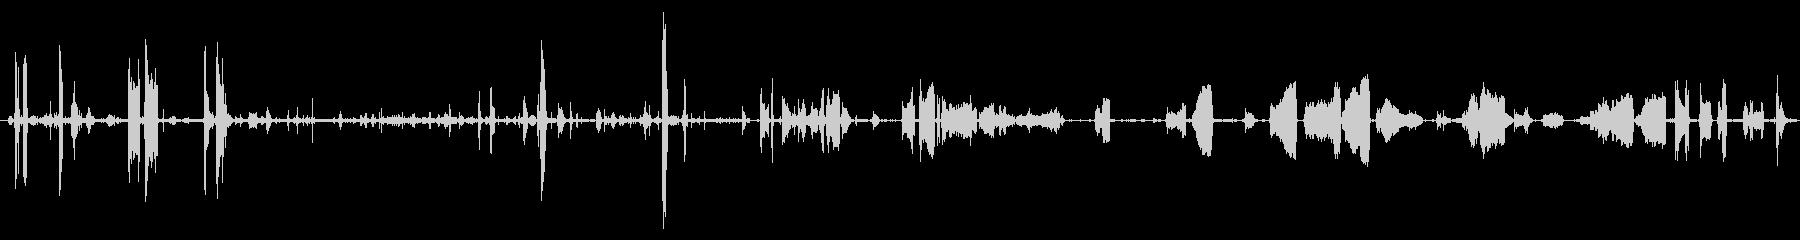 うなり声と悲鳴の未再生の波形